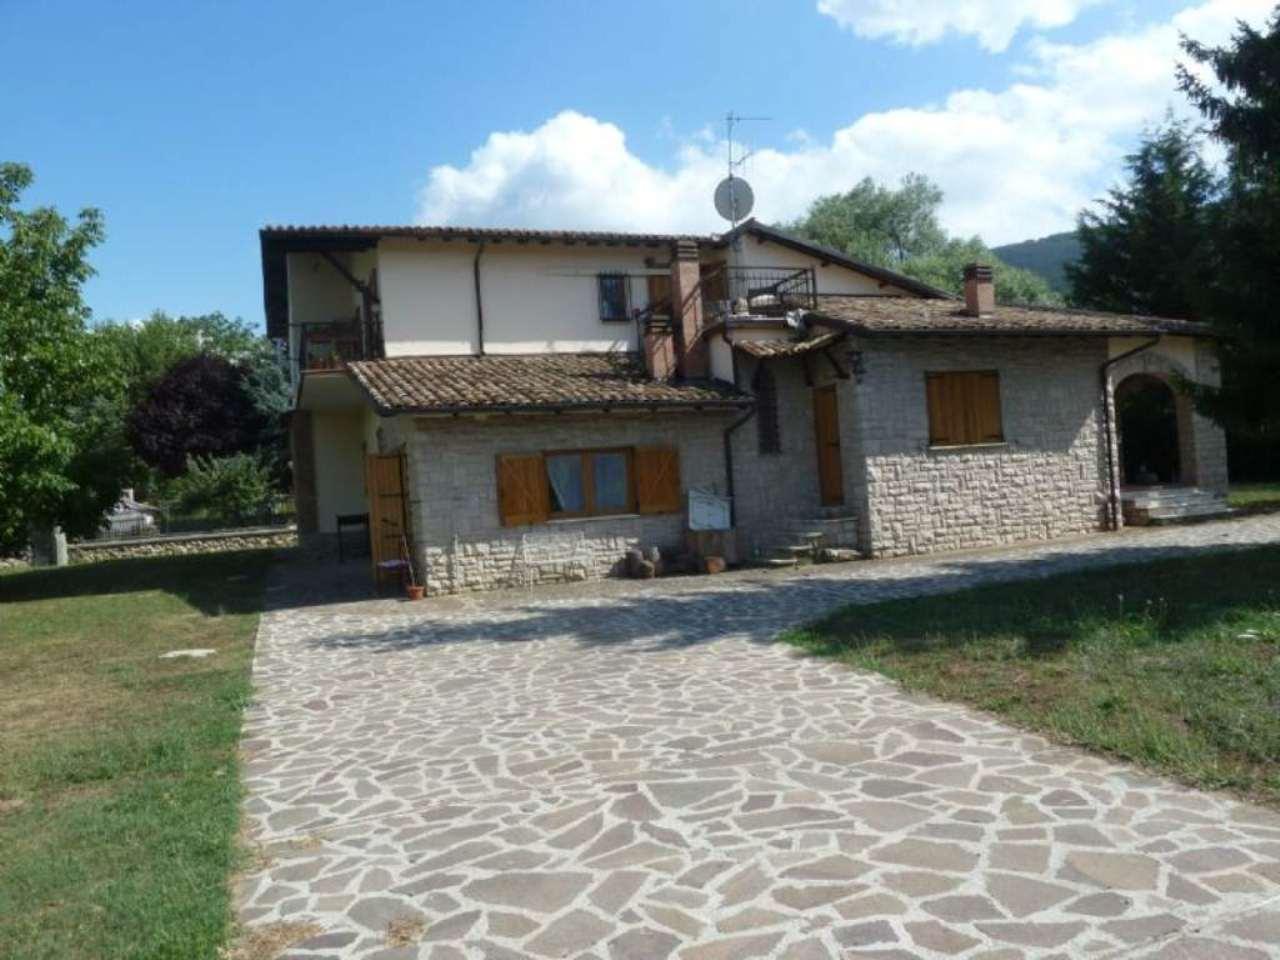 Soluzione Indipendente in vendita a Rocca di Botte, 10 locali, prezzo € 370.000 | Cambio Casa.it